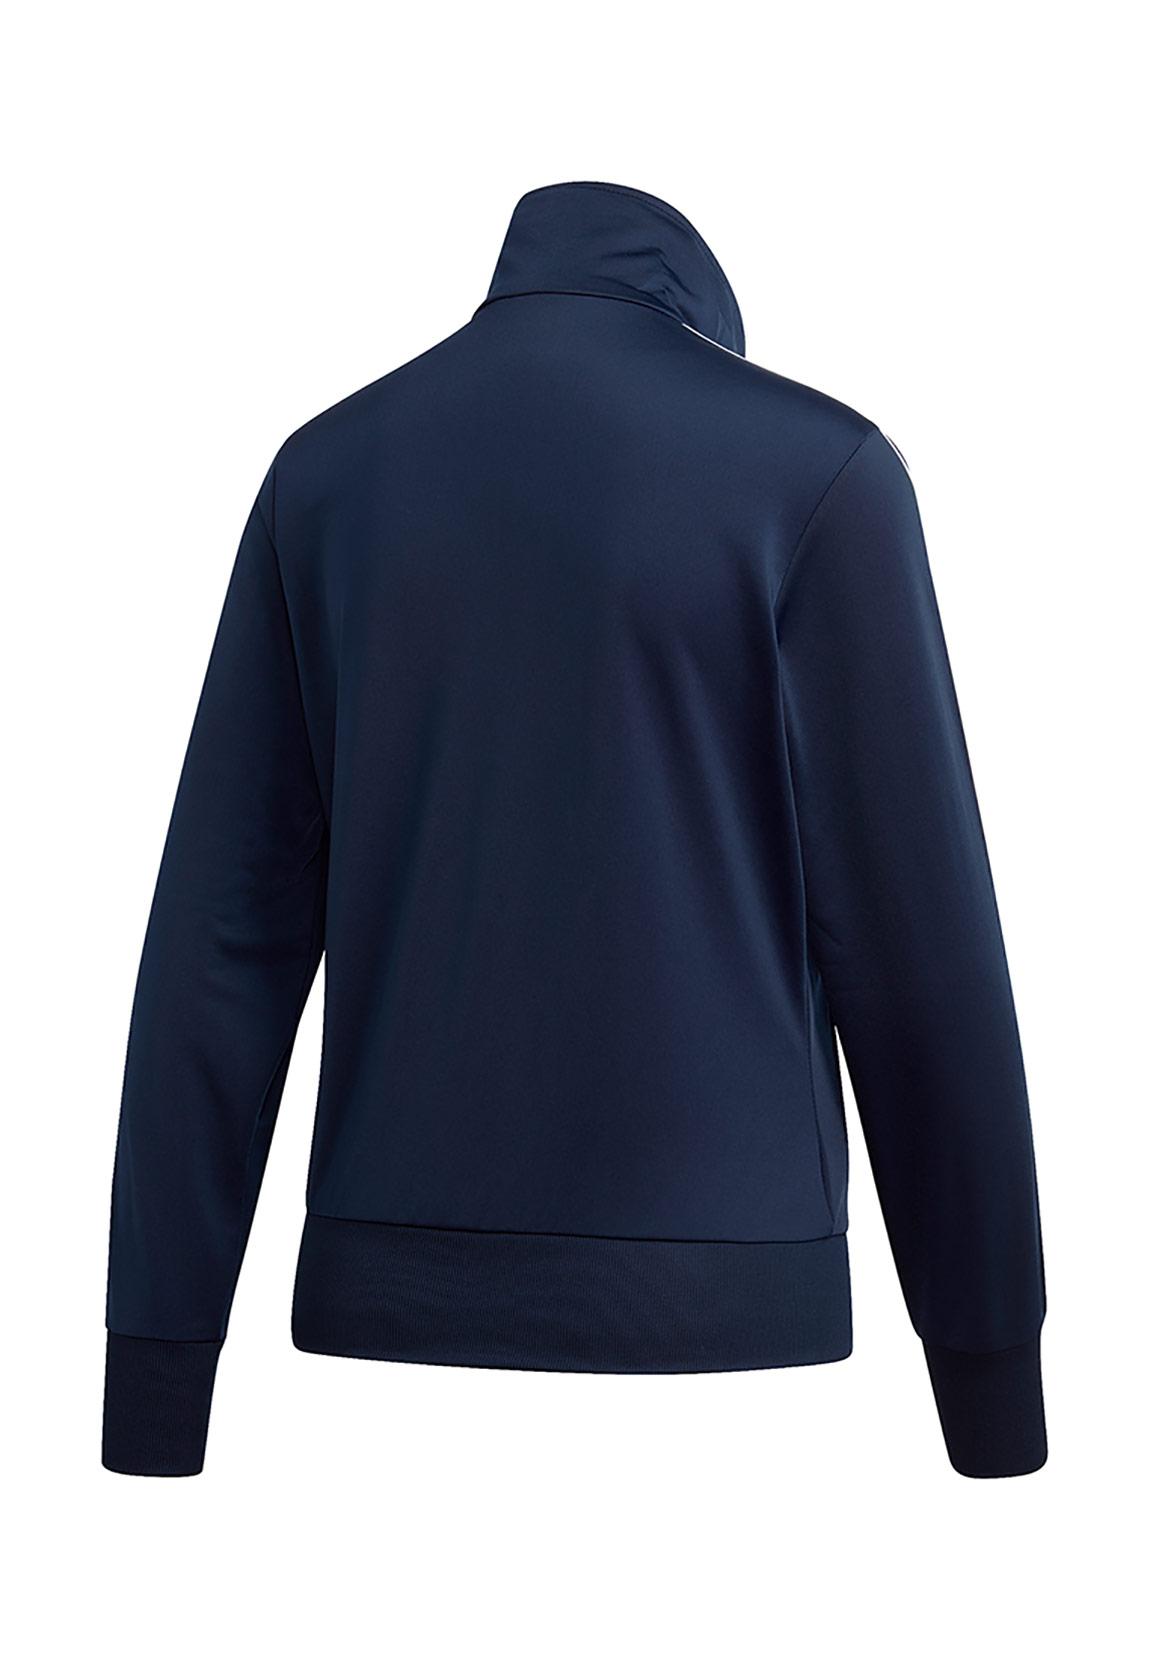 adidas firebird dunkel blau jacke